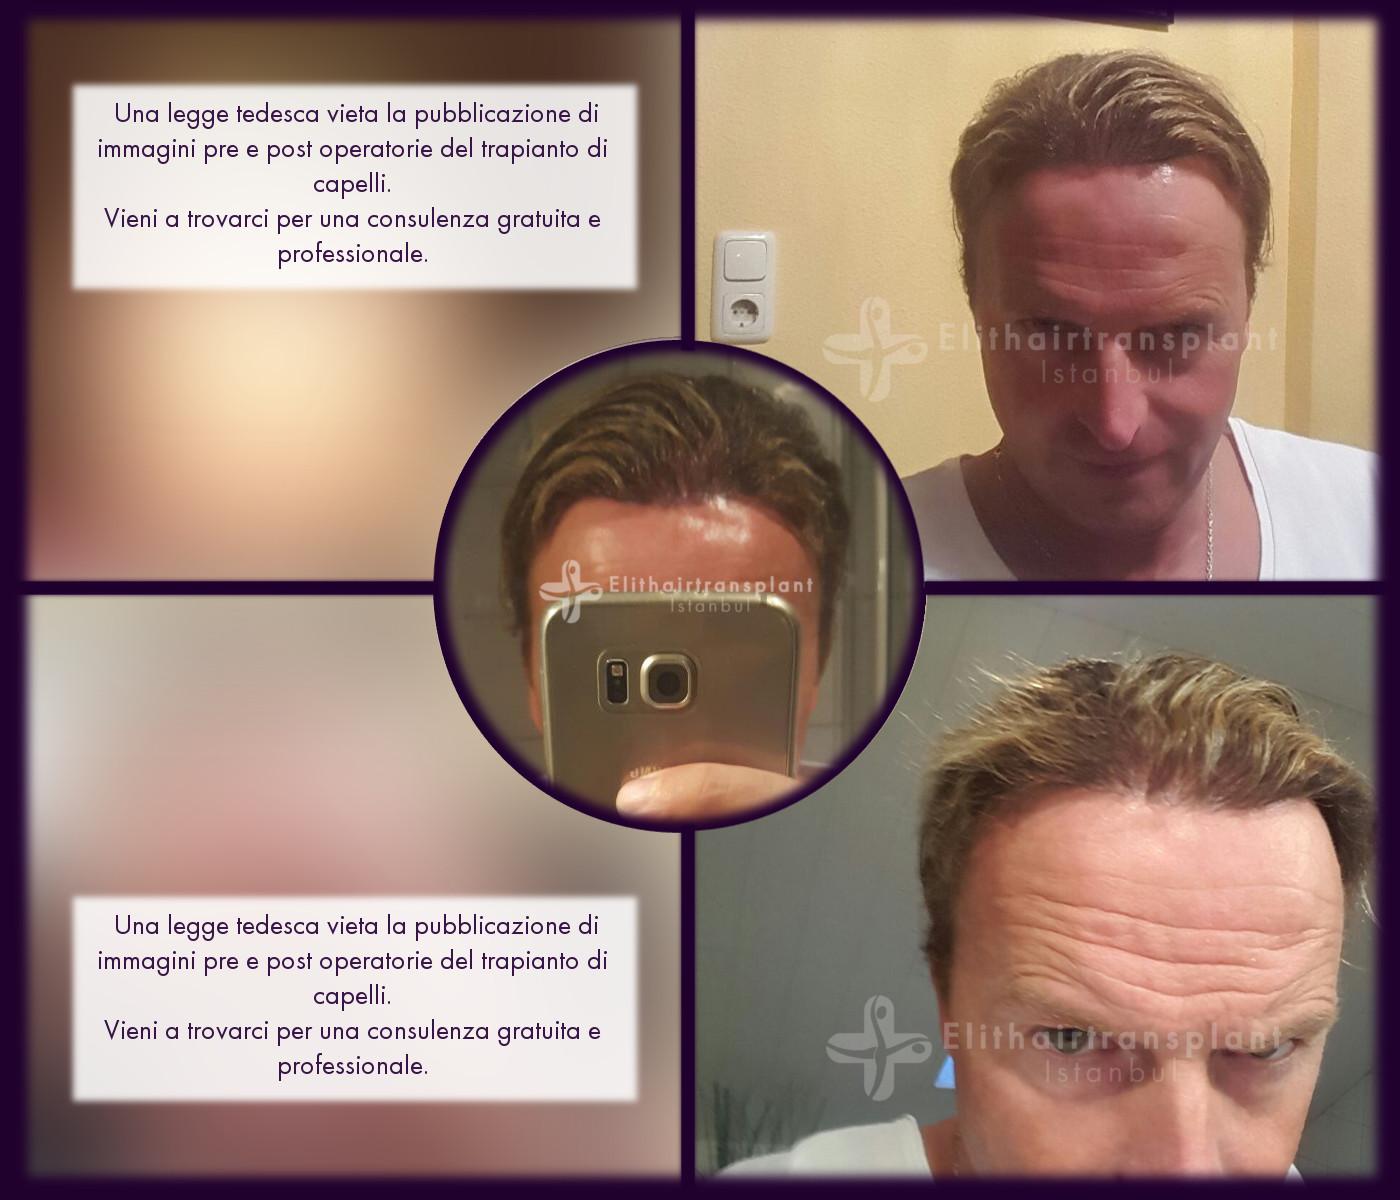 Operazione trapianto capelli Istanbul Elithairtransplant prima e dopo con metodo FUE